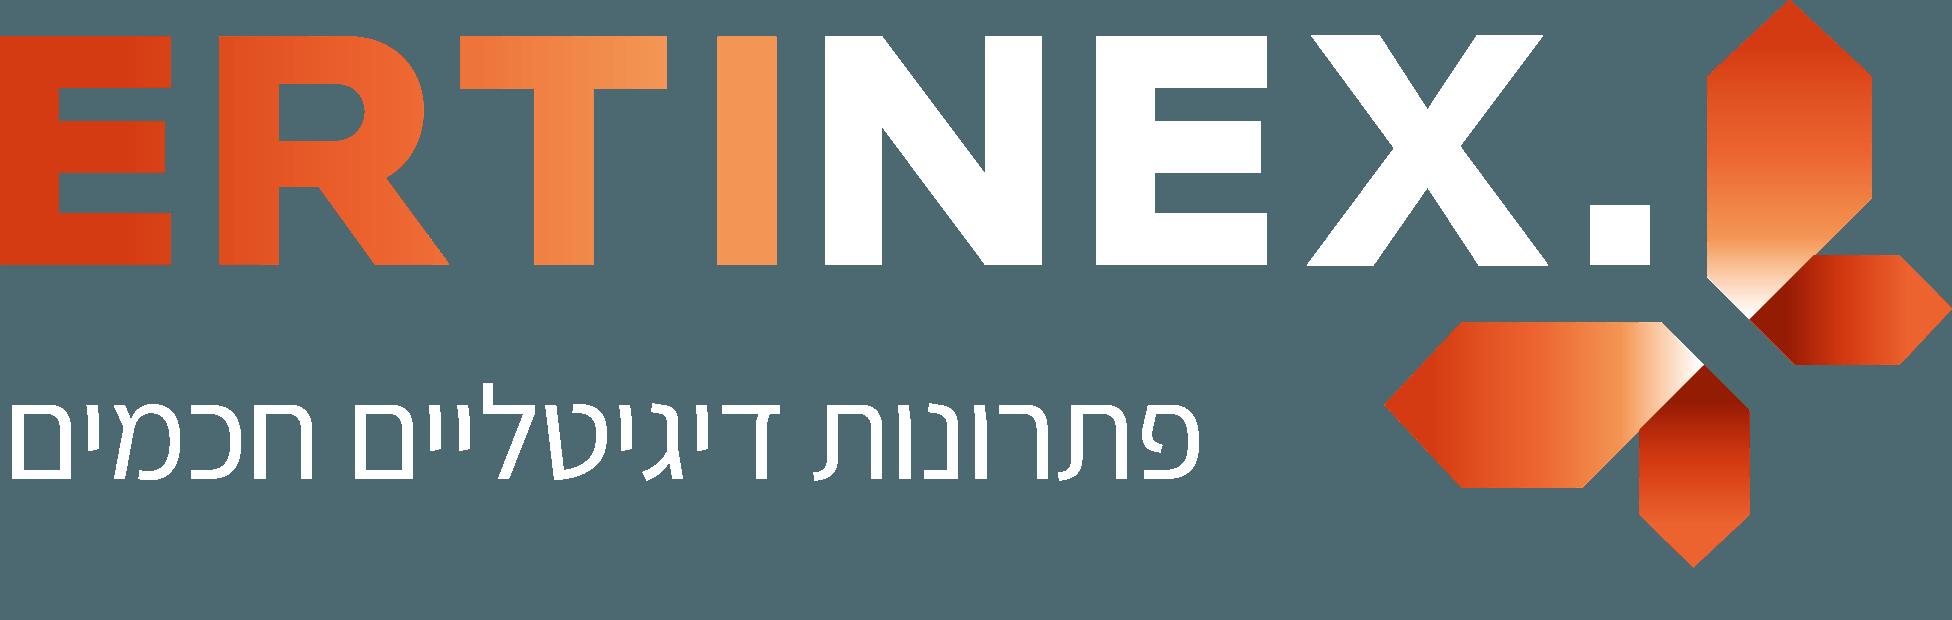 ארטינקס - פתרונות דיגיטליים חכמים